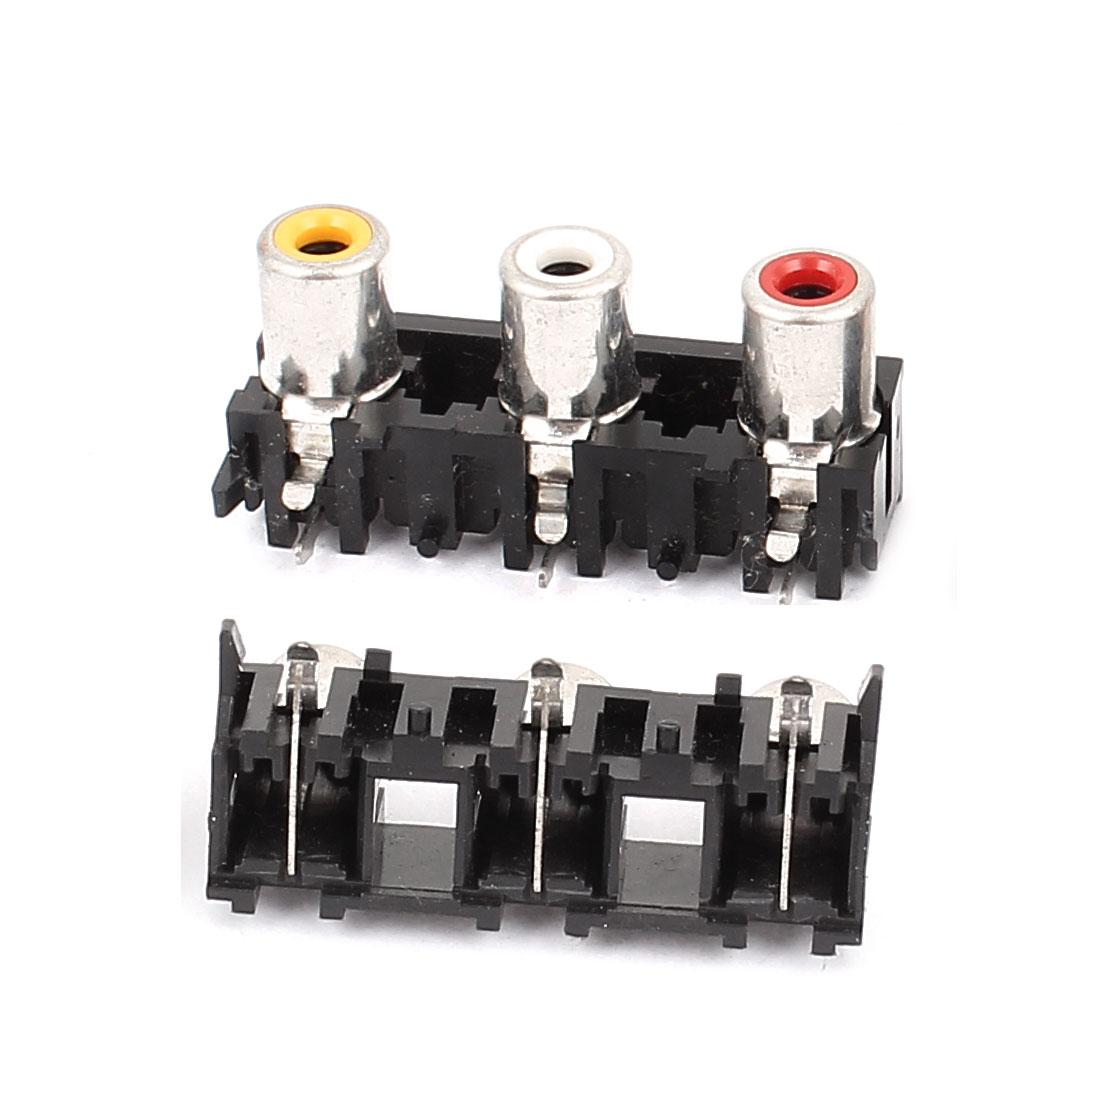 RCA 3 Female Audio Video AV Connector Coverter Adapter Black 2Pcs